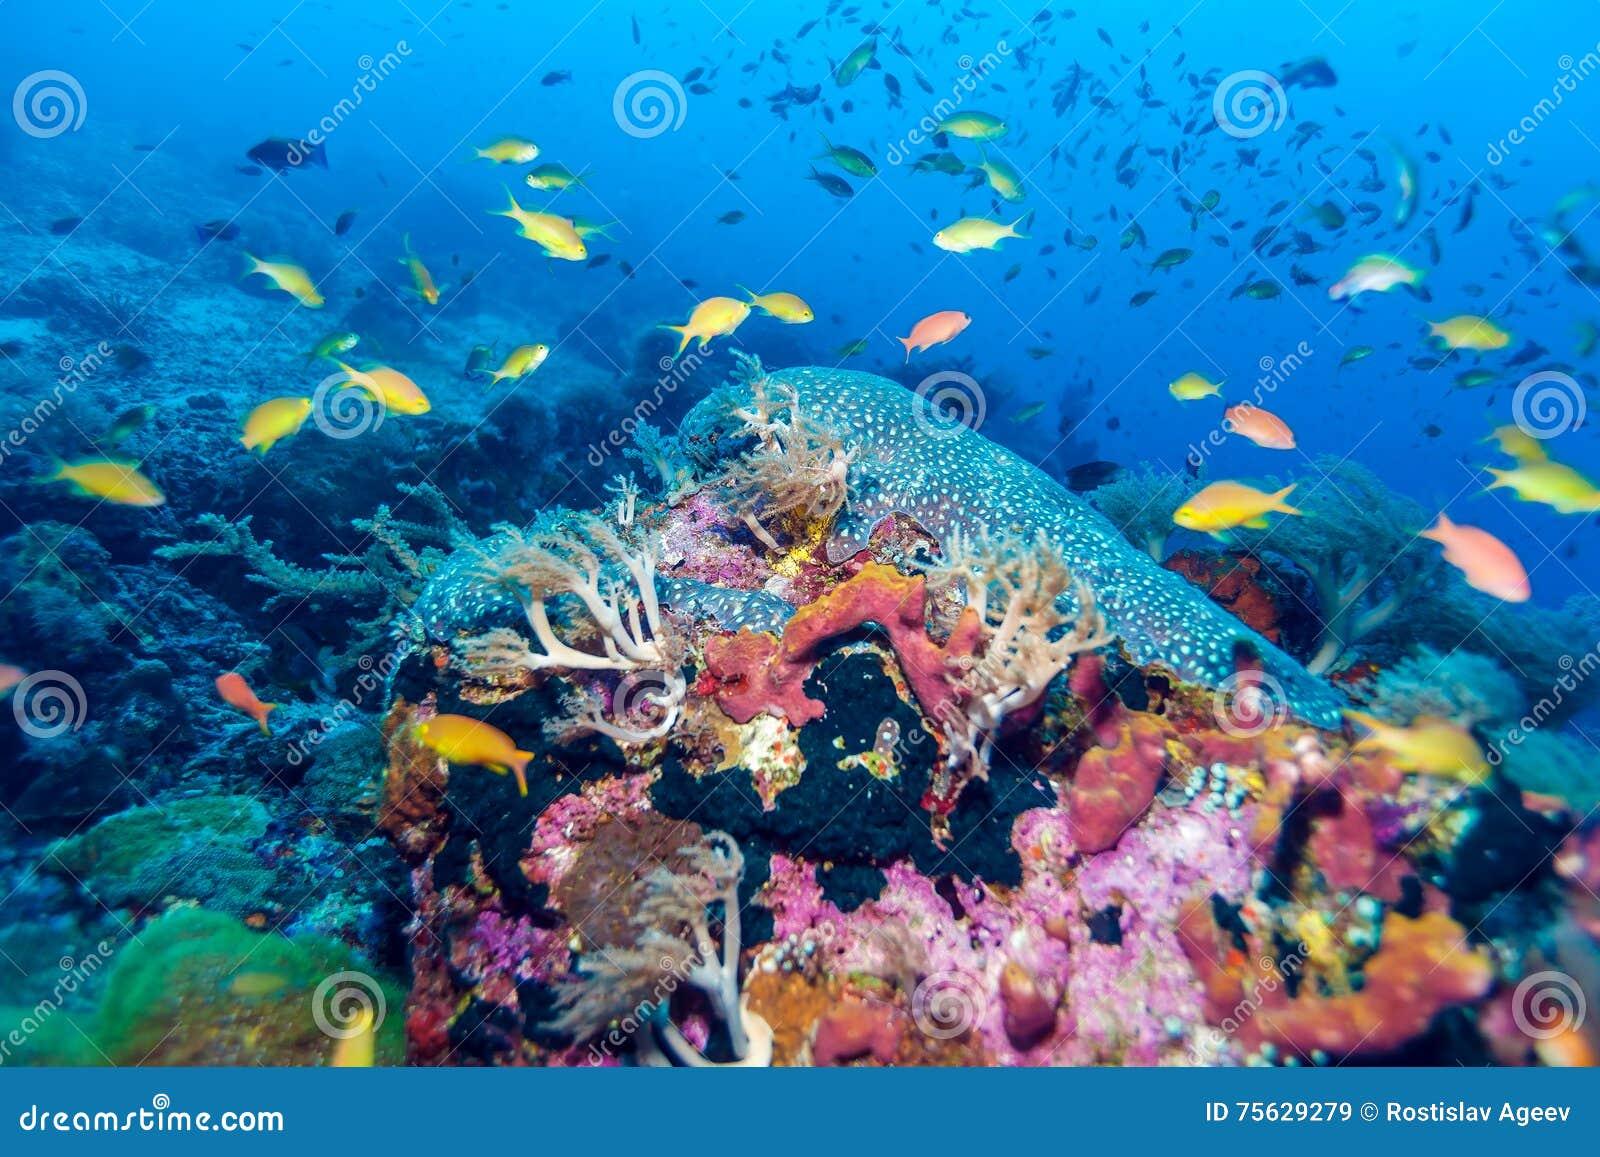 鱼和生态系海底